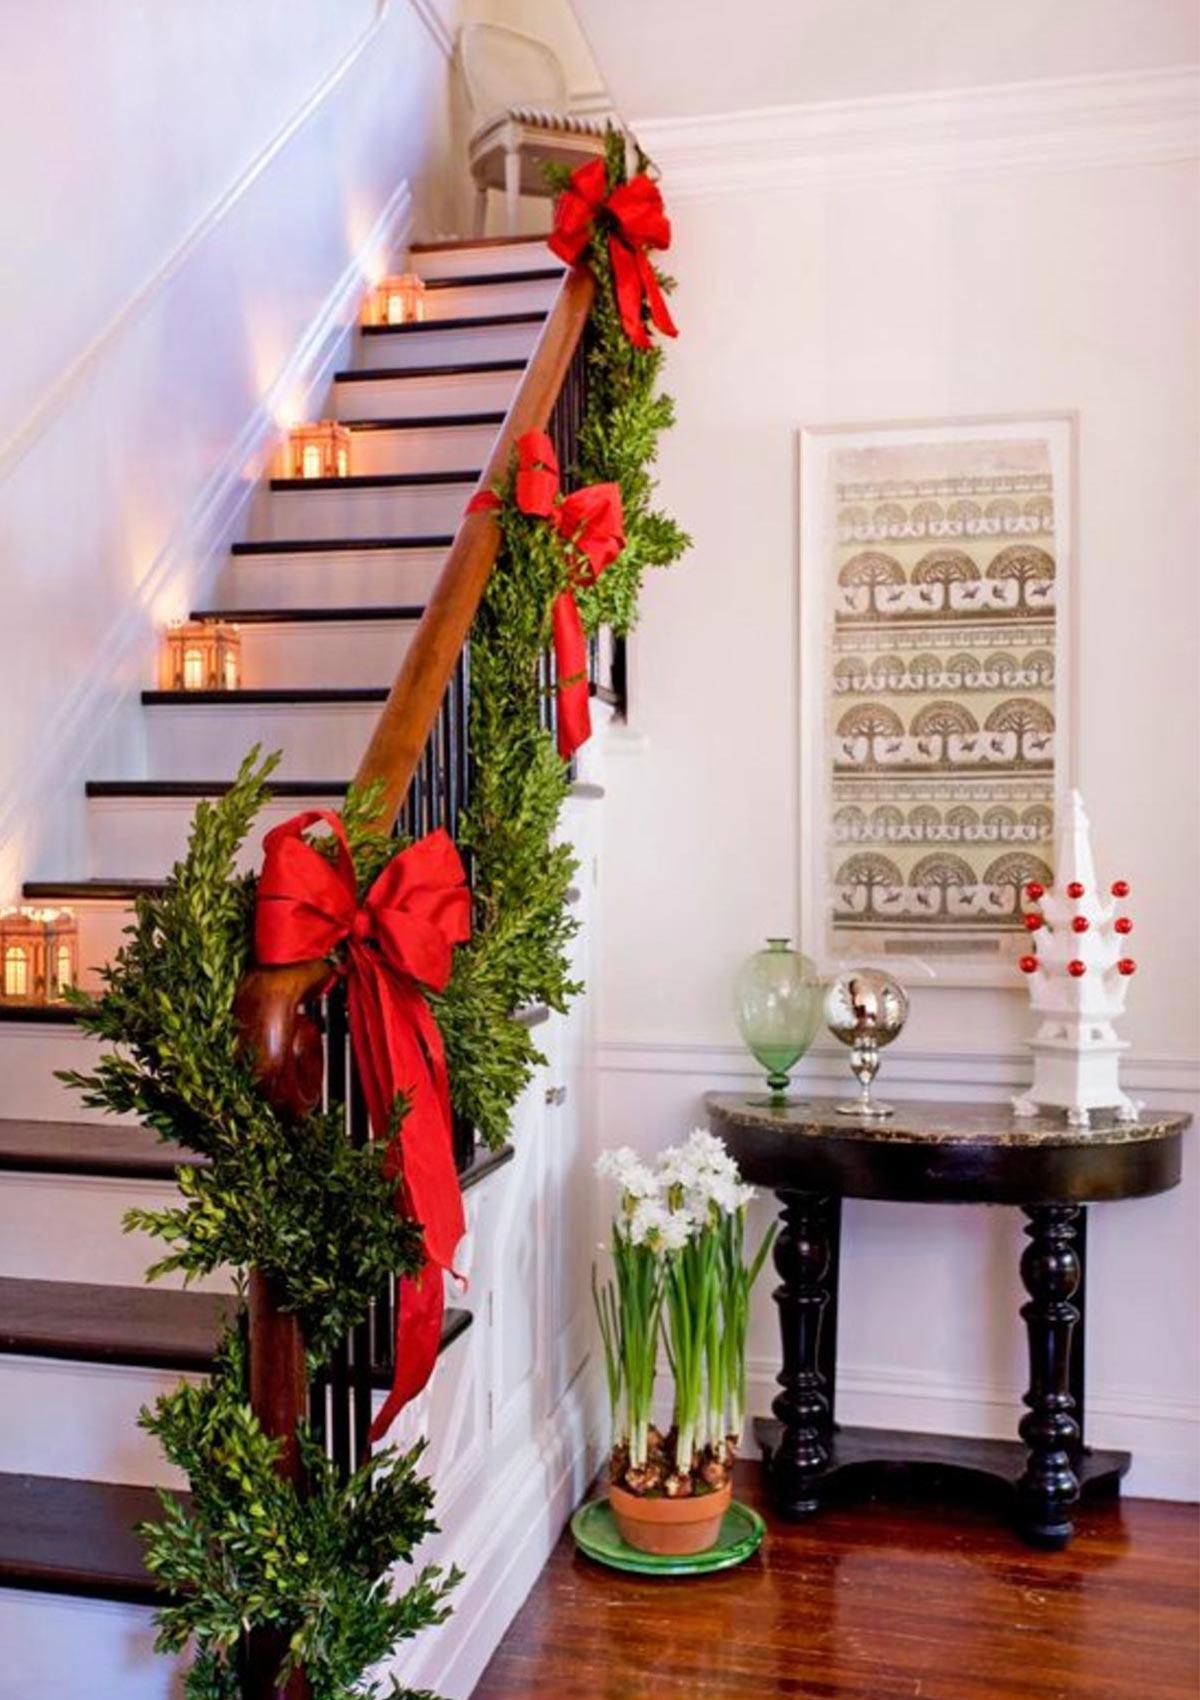 trang trí cầu thang với tông màu giáng sinh